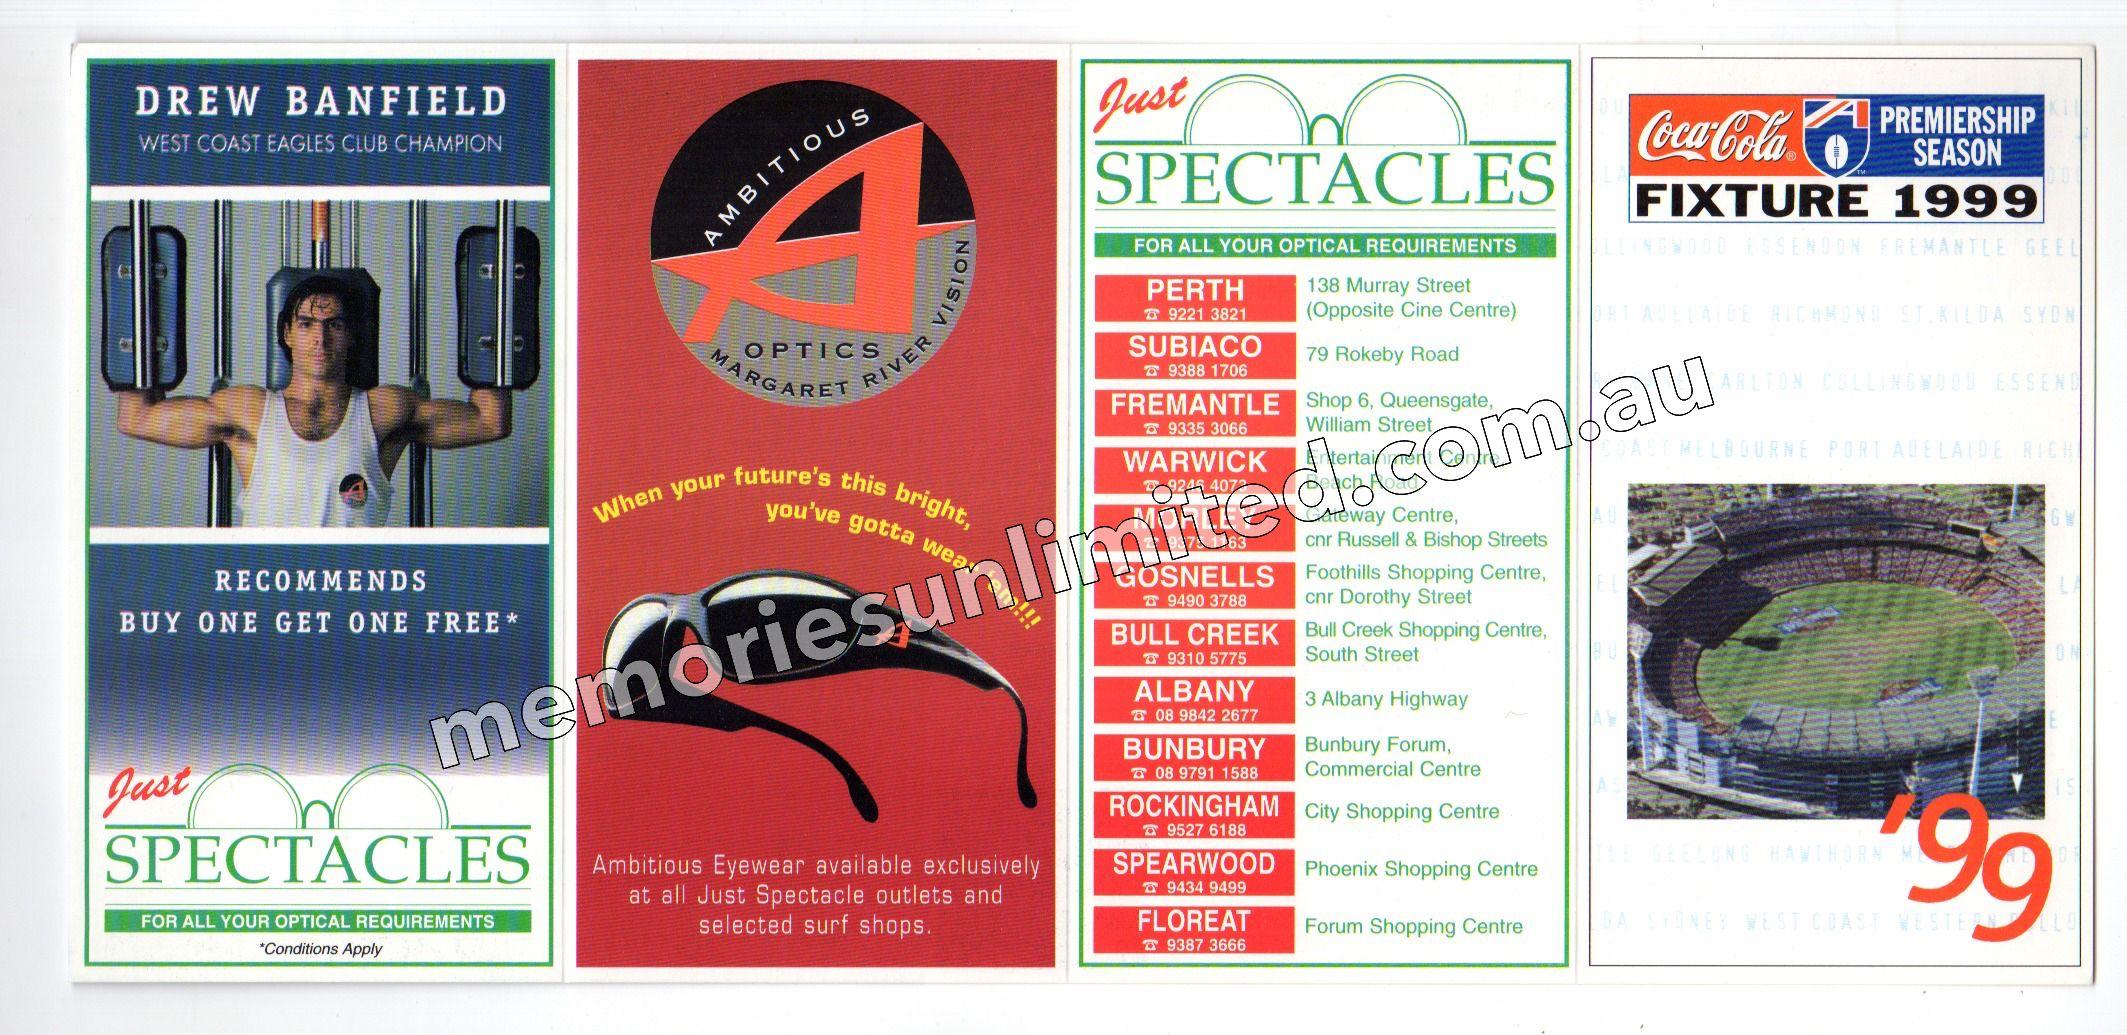 1999 JUST SPECTACLES (1999 AFL & WAFL FOOTBALL FIXTURE)